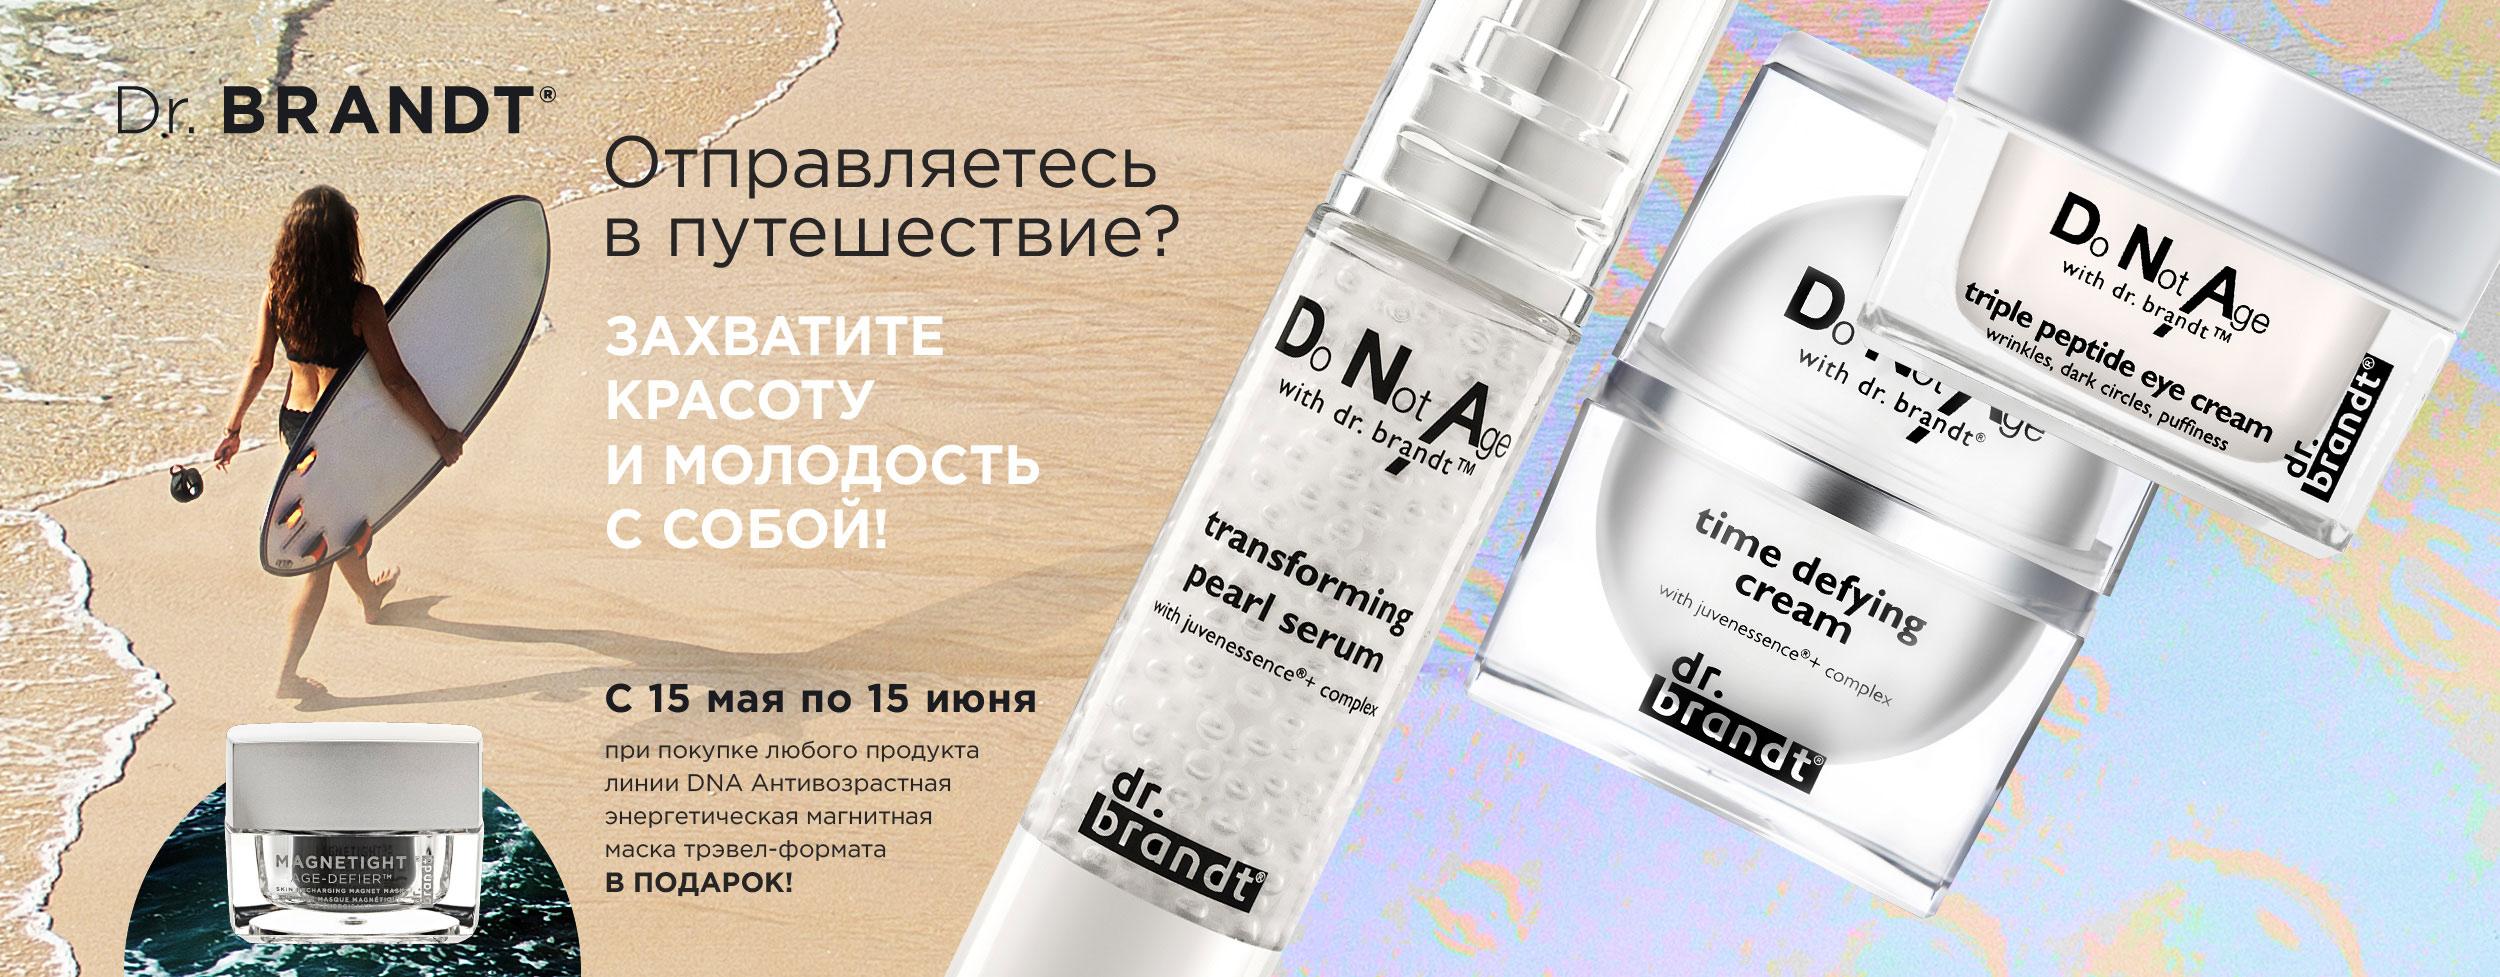 Brandt-DNA-e-works-set-may-2021-02